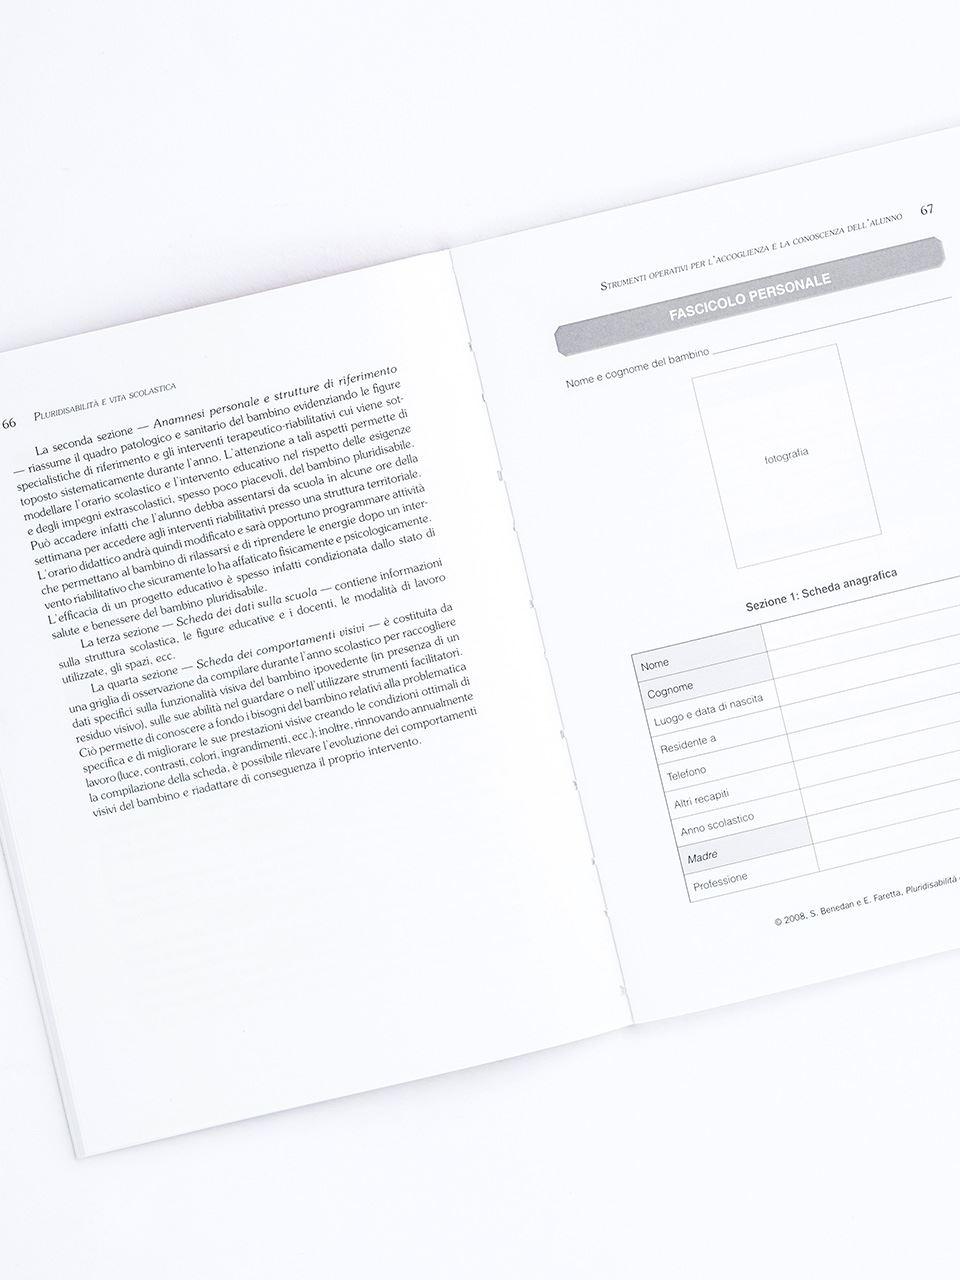 Pluridisabilità e vita scolastica - Libri - Erickson 2